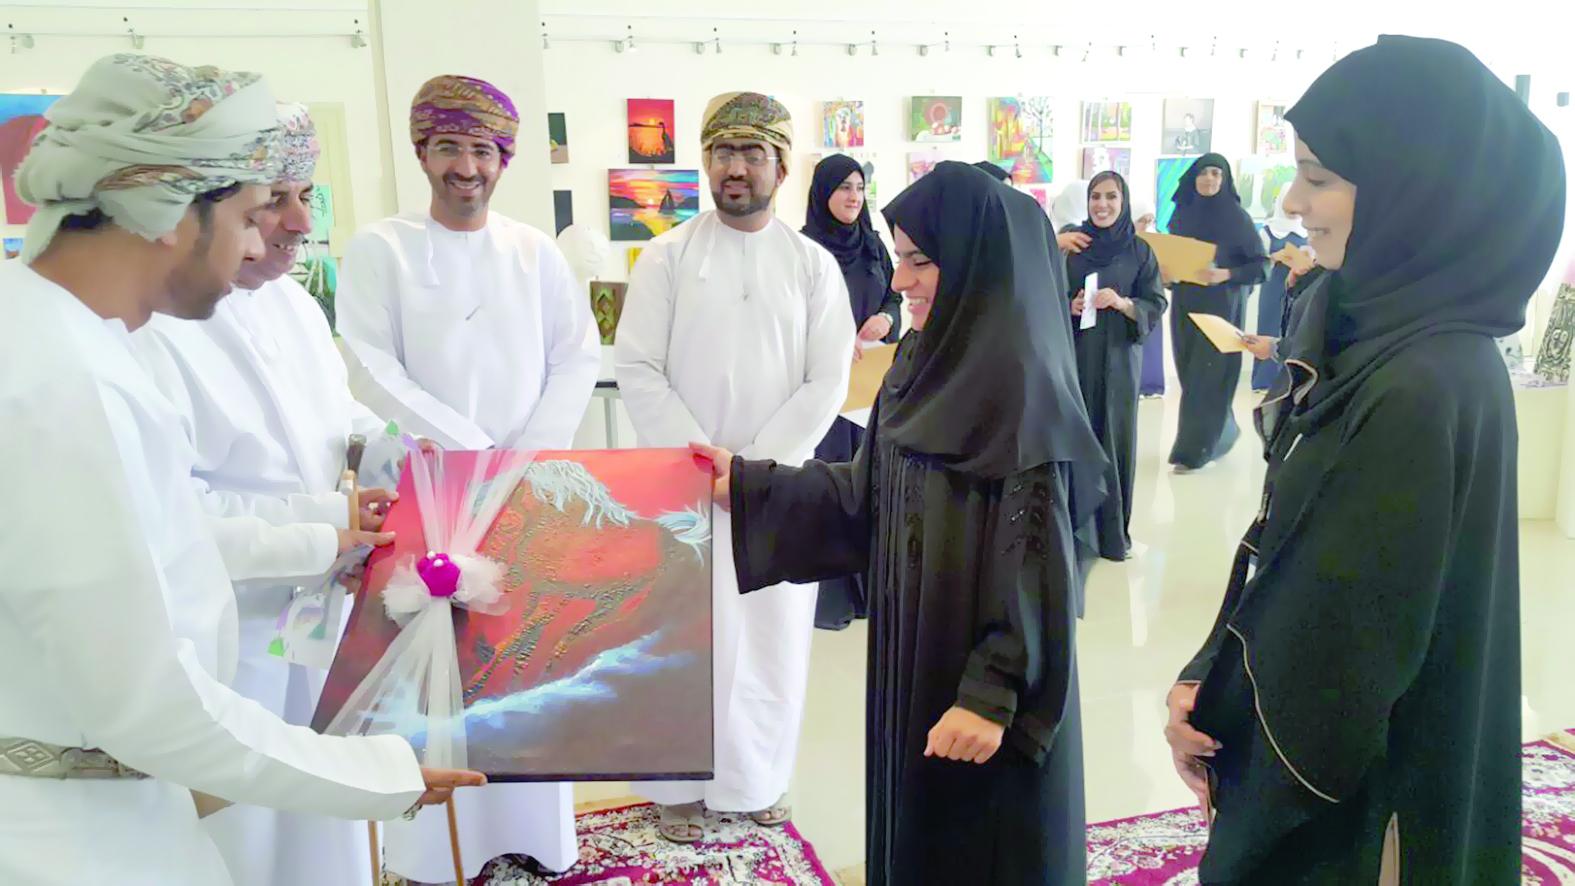 افتتاح معرض الفنون التشكيلية «زوايا» بصحار